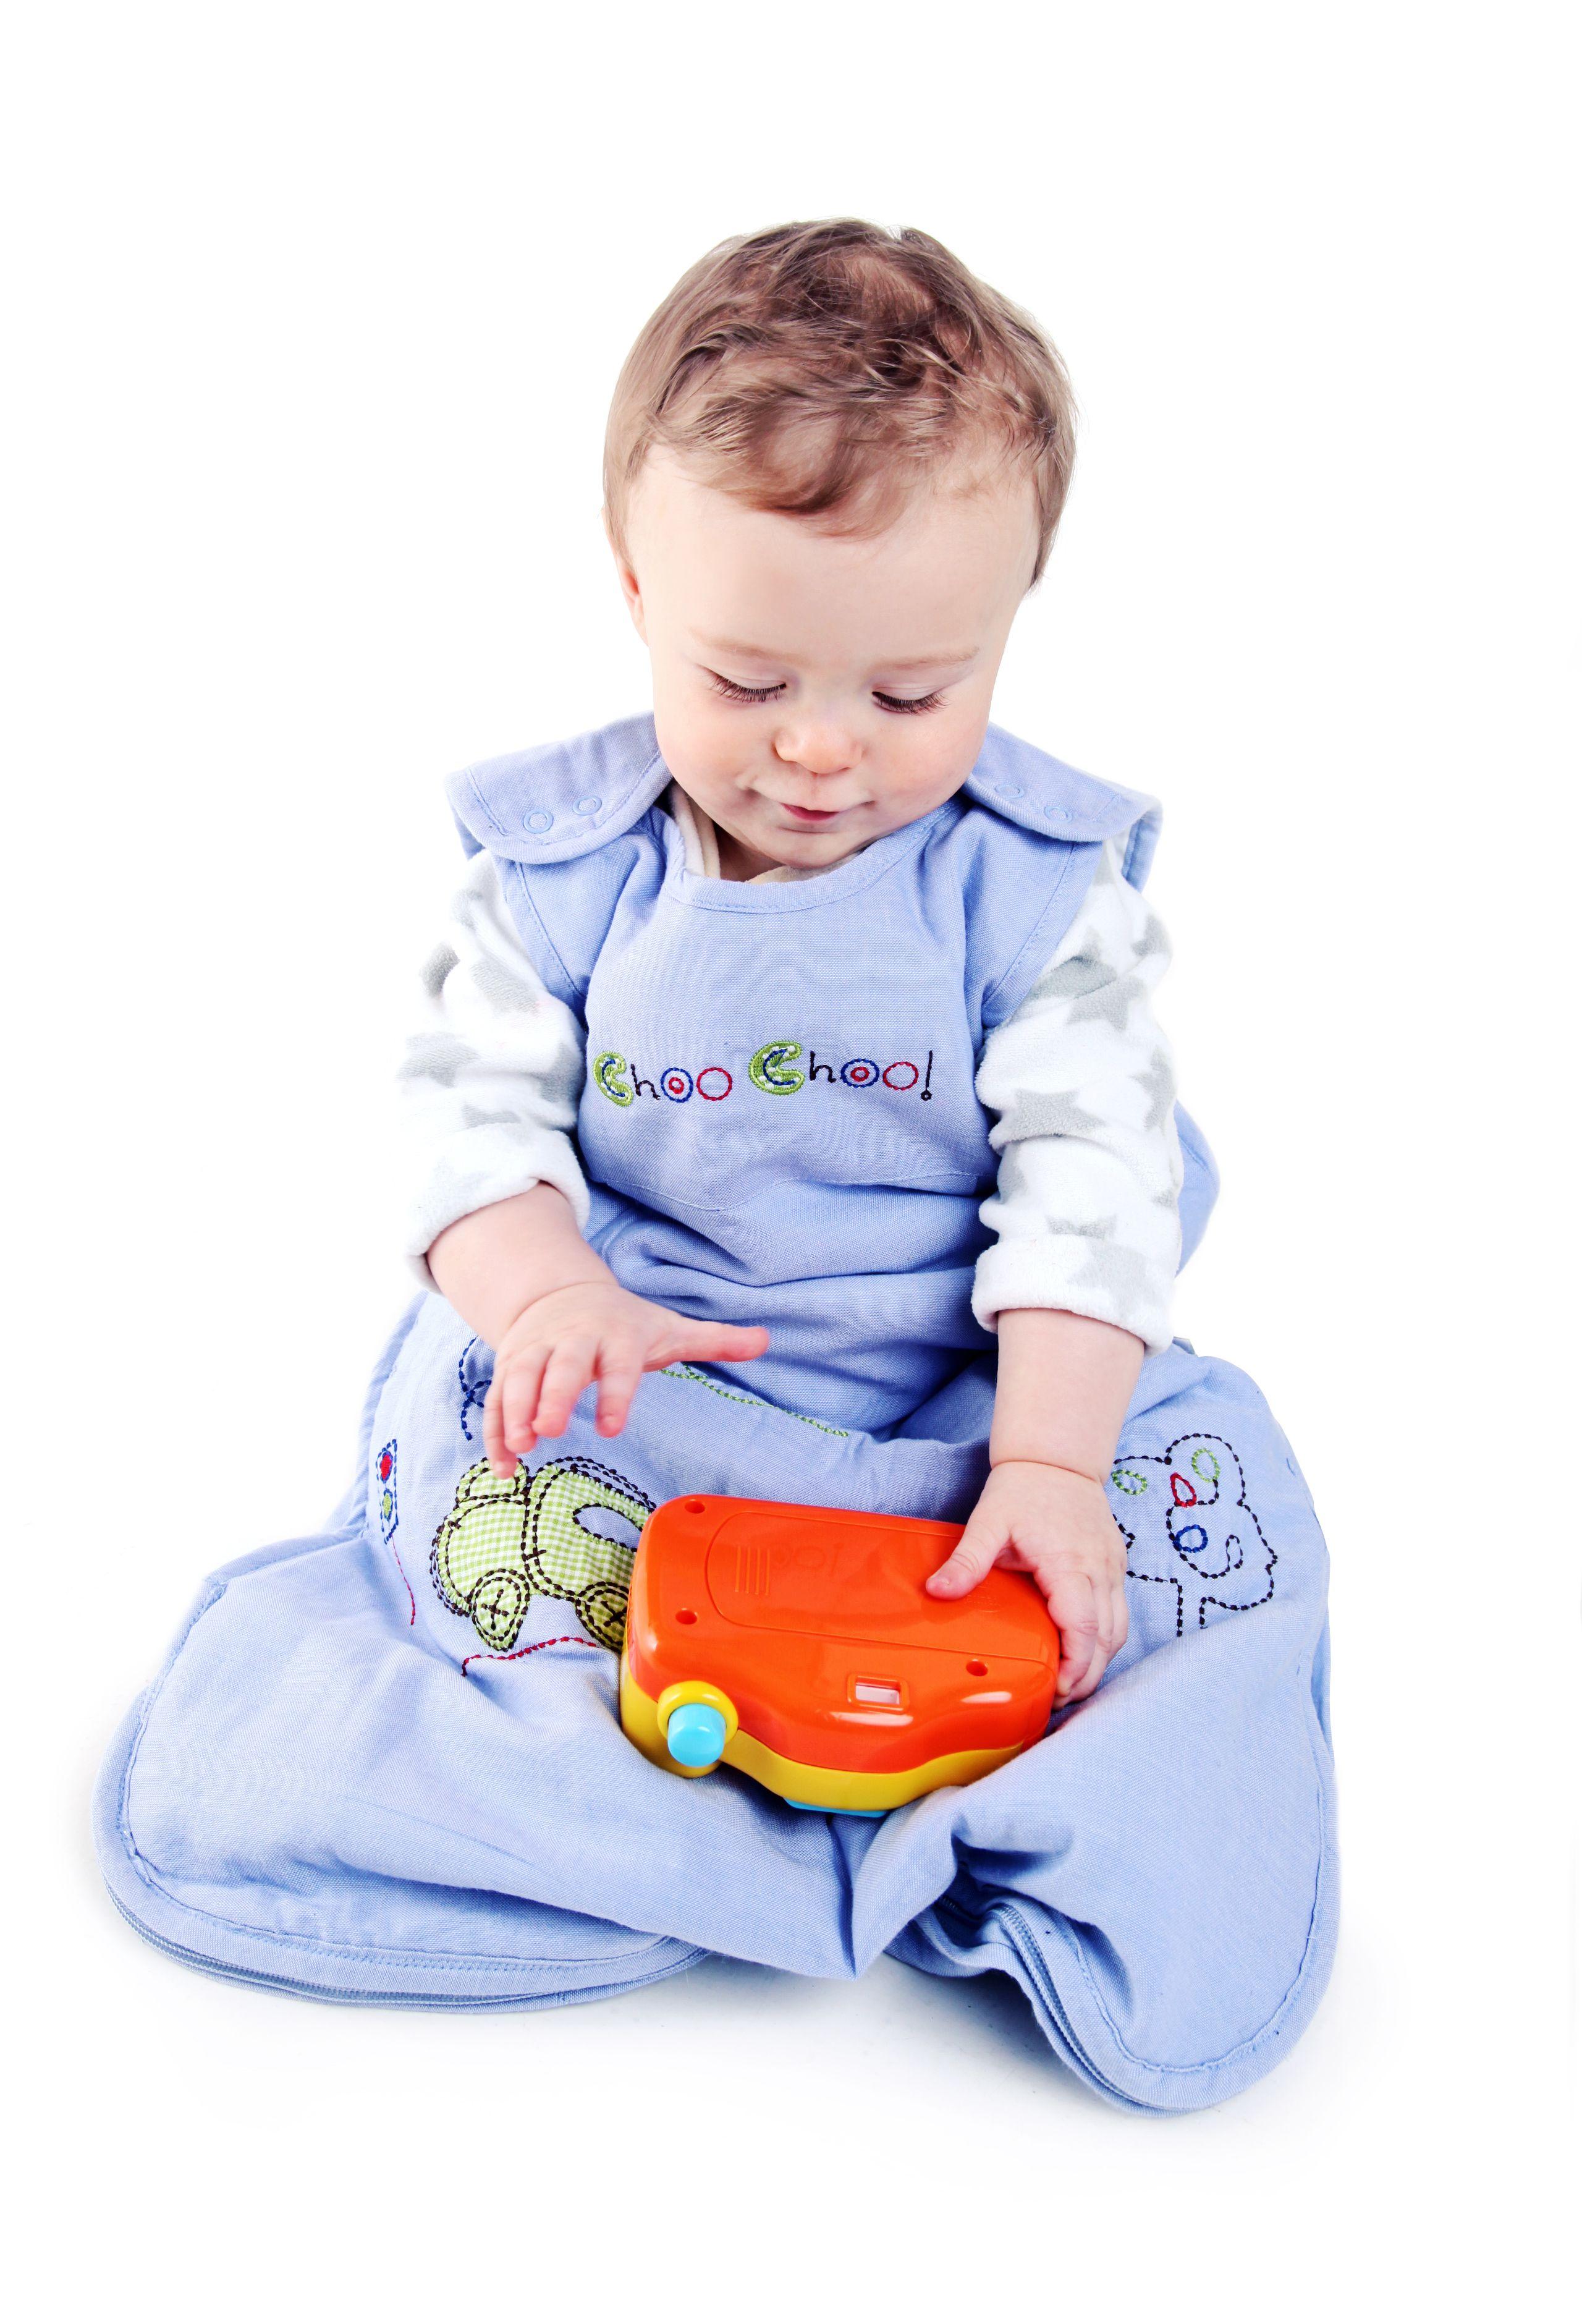 """""""CHOO, CHOO, ZUG"""" - Schlummersack Babyschlafsack Zug.  Schon kleine Jungs lieben Züge. Unser kuschelig weicher Schlafsack Choo, Choo Zug aus blauem 100% Chambray Baumwollstoff ist schön bestickt mit einem Zug und dem Wort 'Choo Choo' auf der Brust. Das Innenfutter ist auch aus 100% Baumwolle. Wattiert sind die Schlafsäcke mit weichem Polyester Fleece. In vier Größen erhältlich auf www.schlummersack.de"""